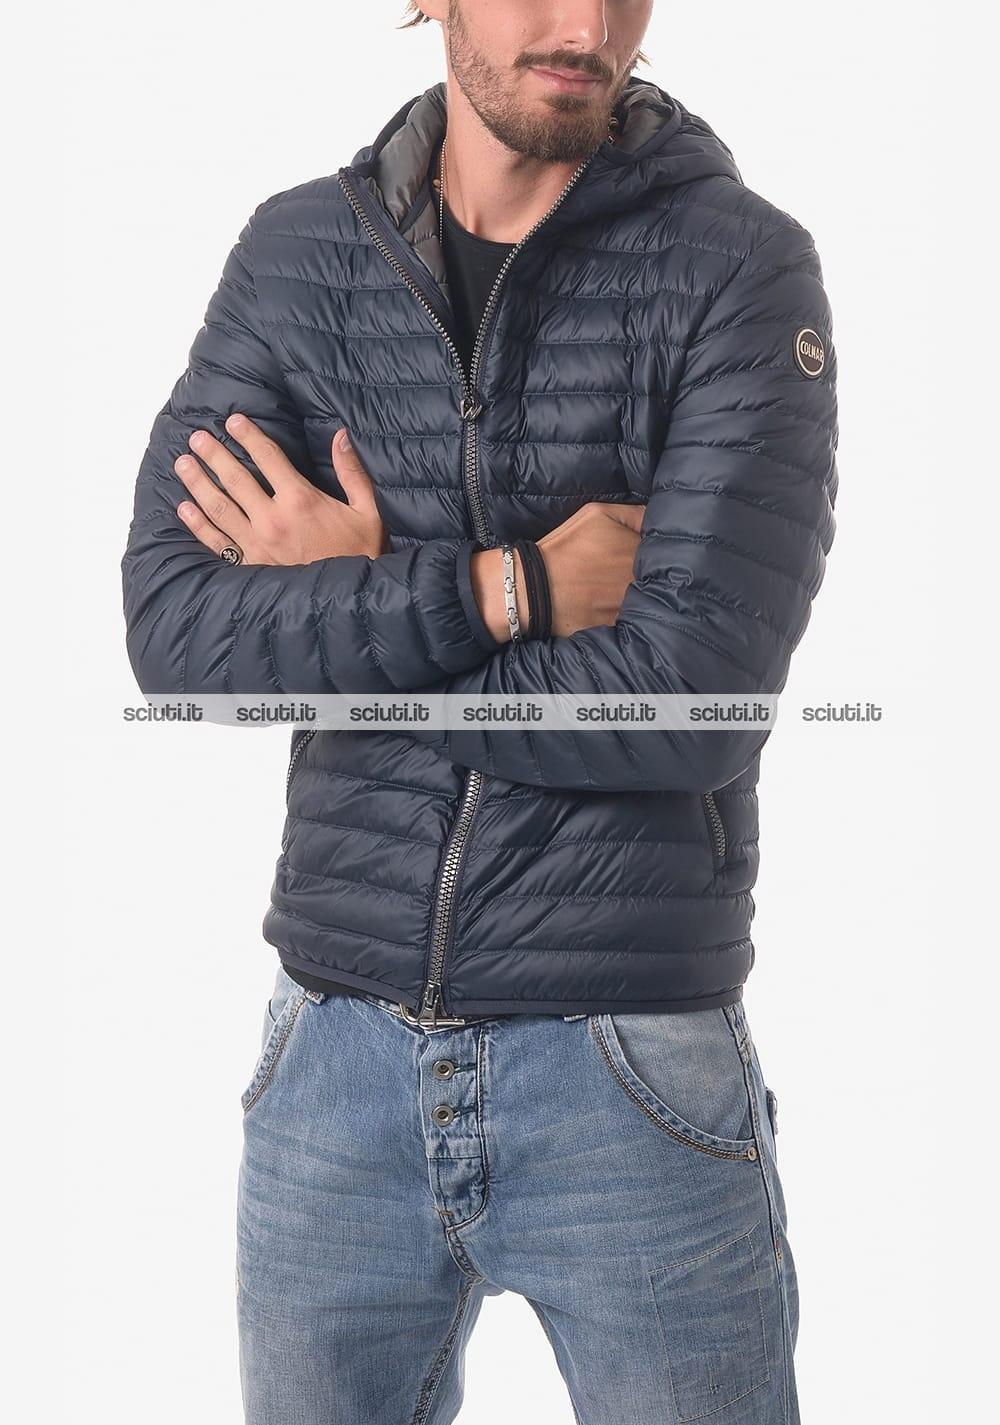 finest selection 380aa 0bc7b Piumino Colmar uomo leggero con cappuccio blu interno grigio scuro